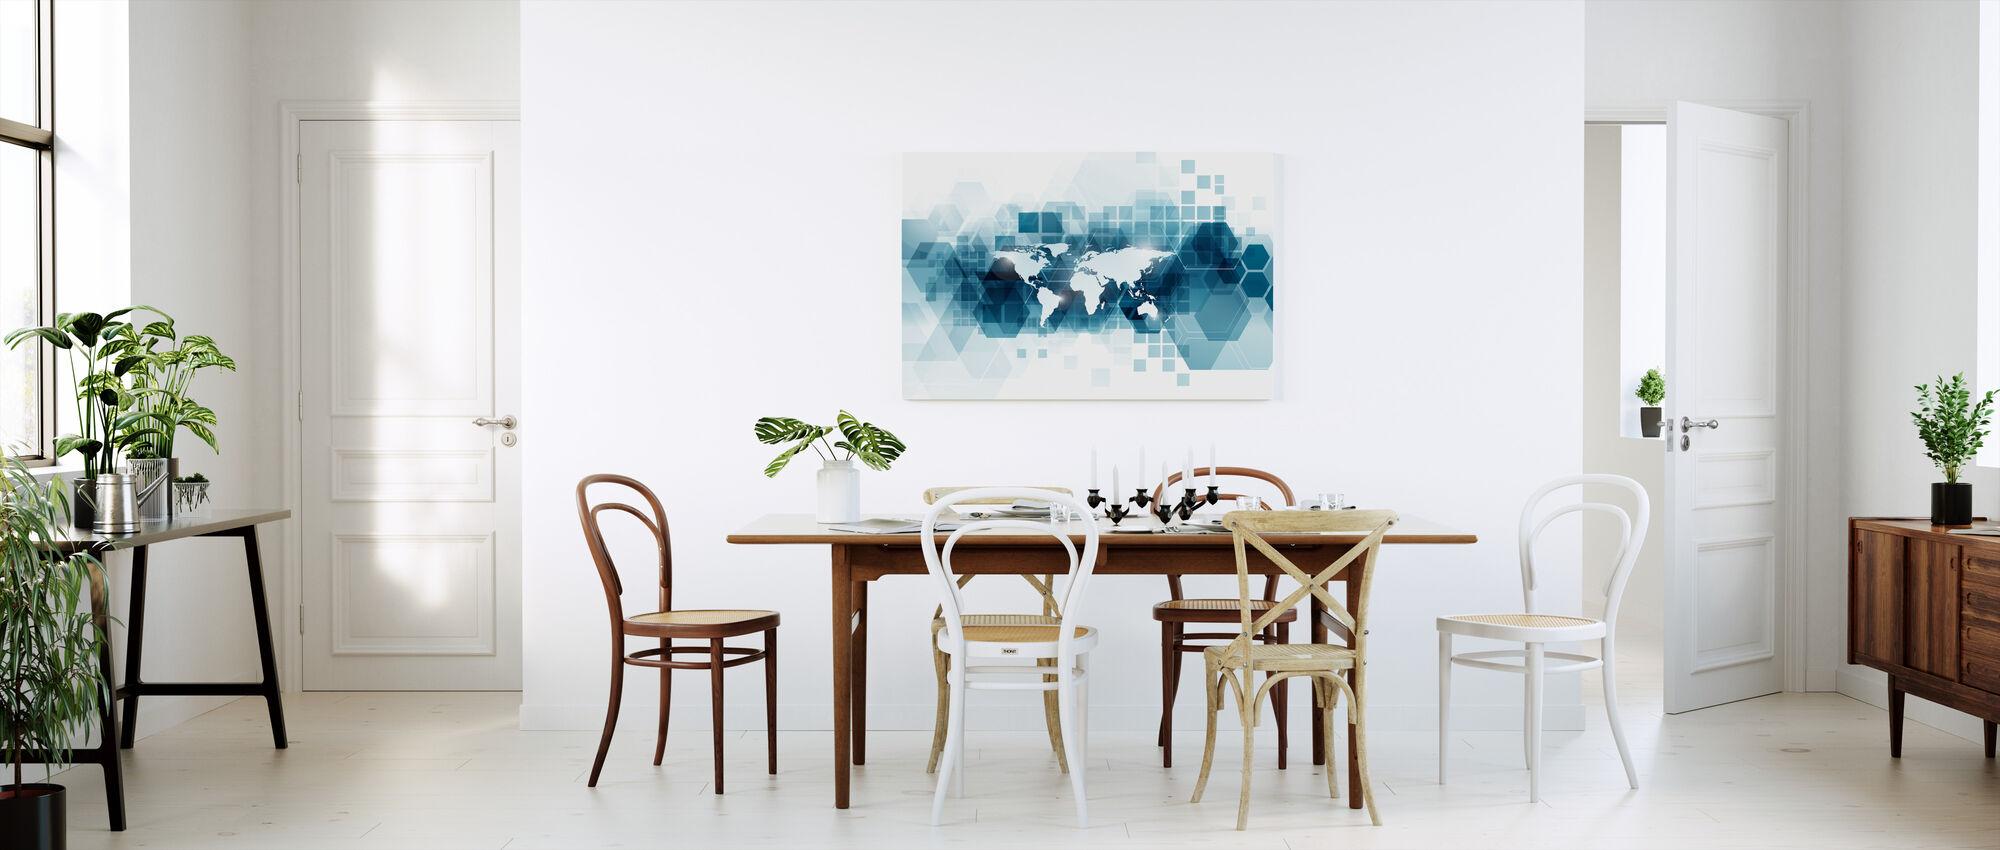 Monde vectoriel transparent - Impression sur toile - Cuisine